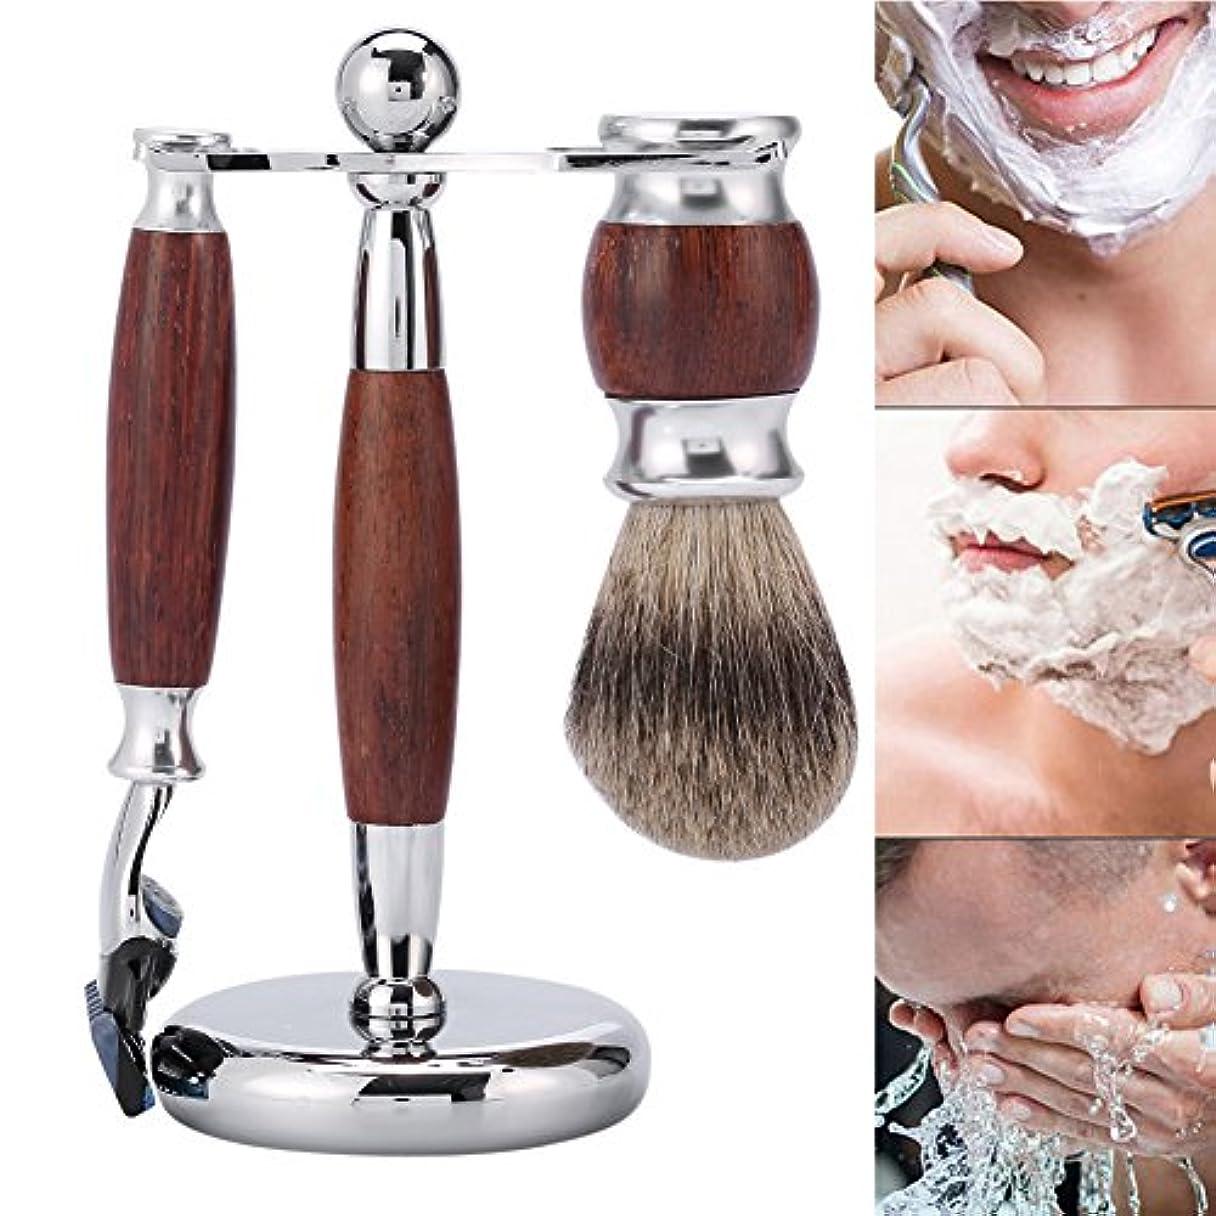 シェルター腰エキスパートプロのひげを剃る、剃刀安全5層かみそり+マホガニーシェービングブラシとシェービングスリーブホルダーを剃ることは男性のための良い贈り物です